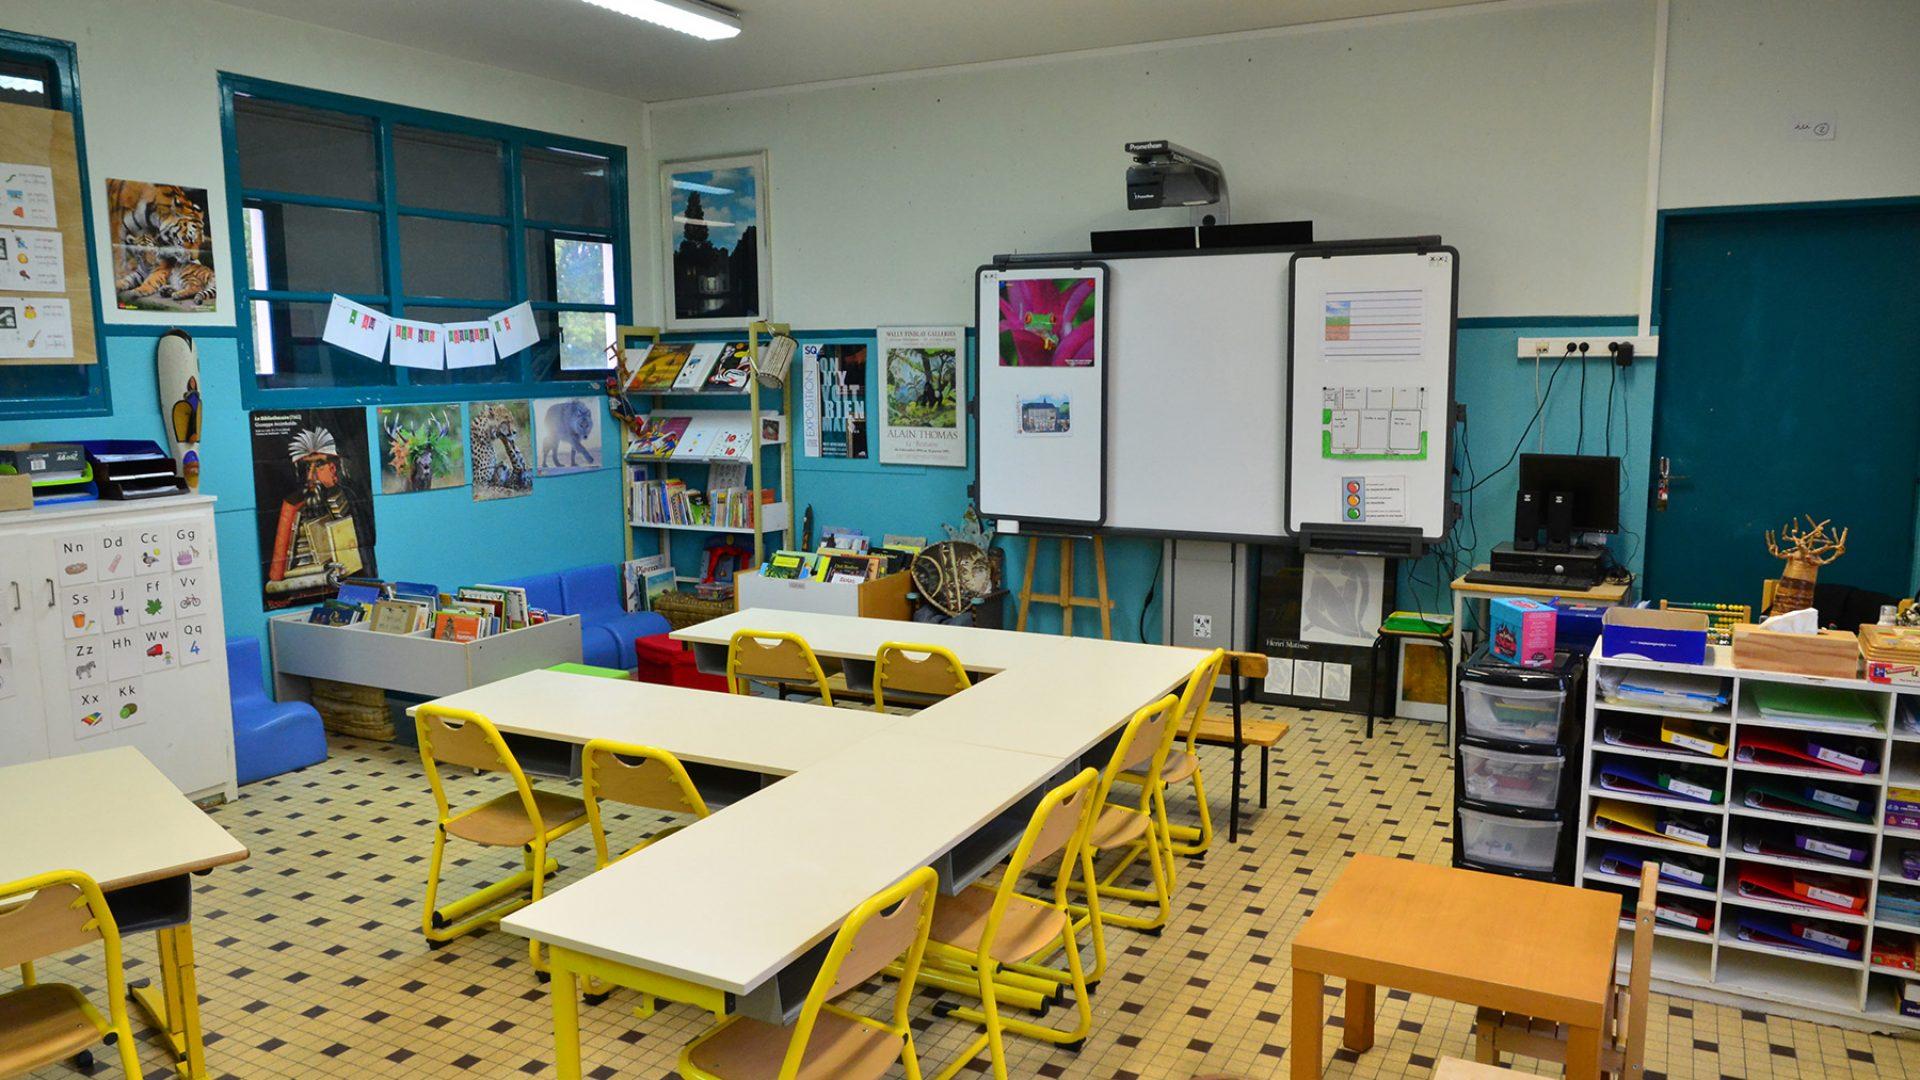 واحدة من المدارس في فرنسا -إنترنيت